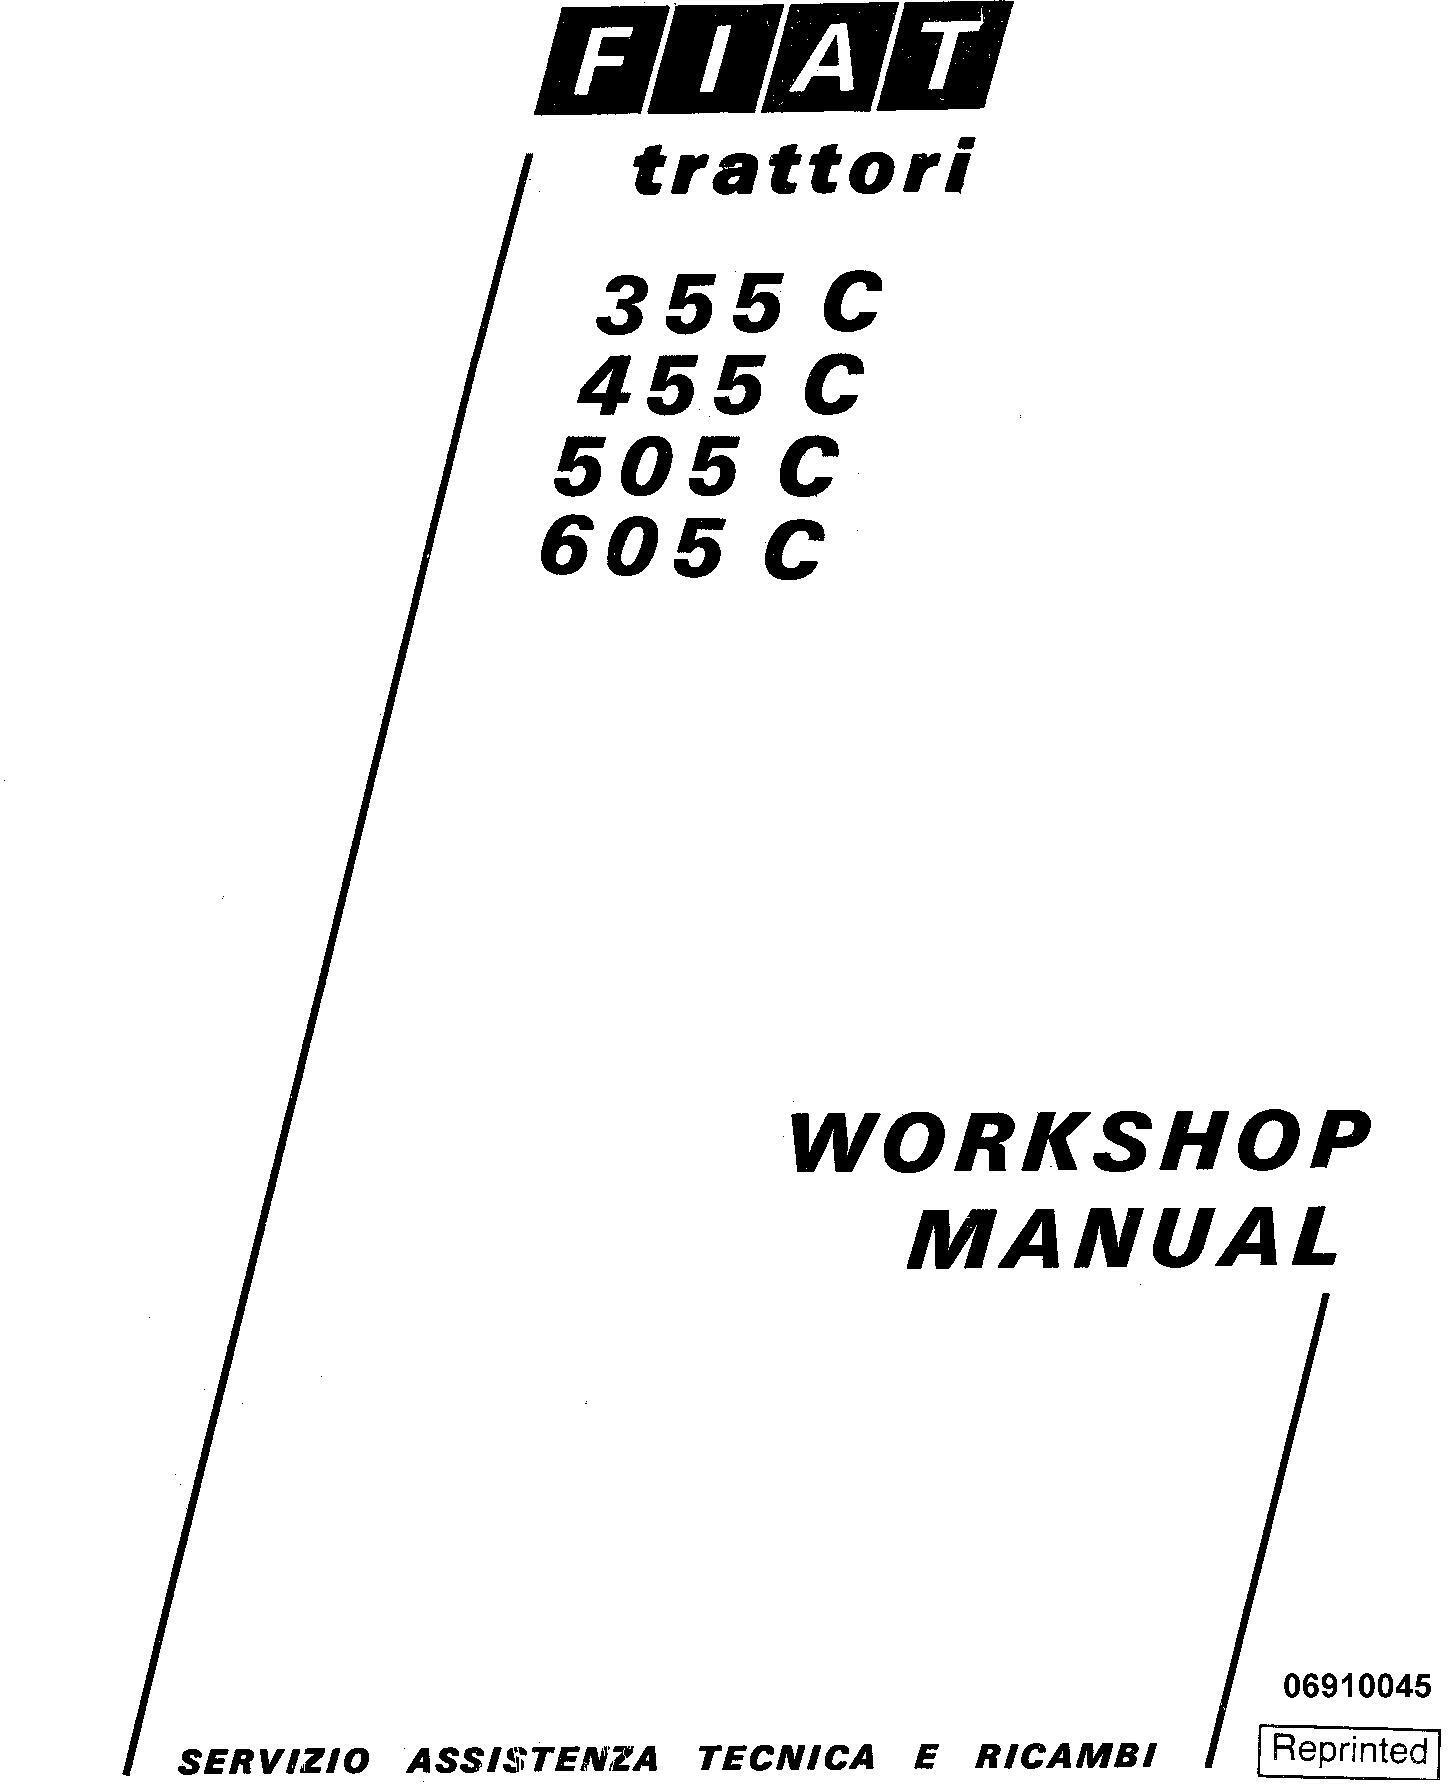 Fiat 355C, 455C, 505C, 605C Crawler Tractor Workshop